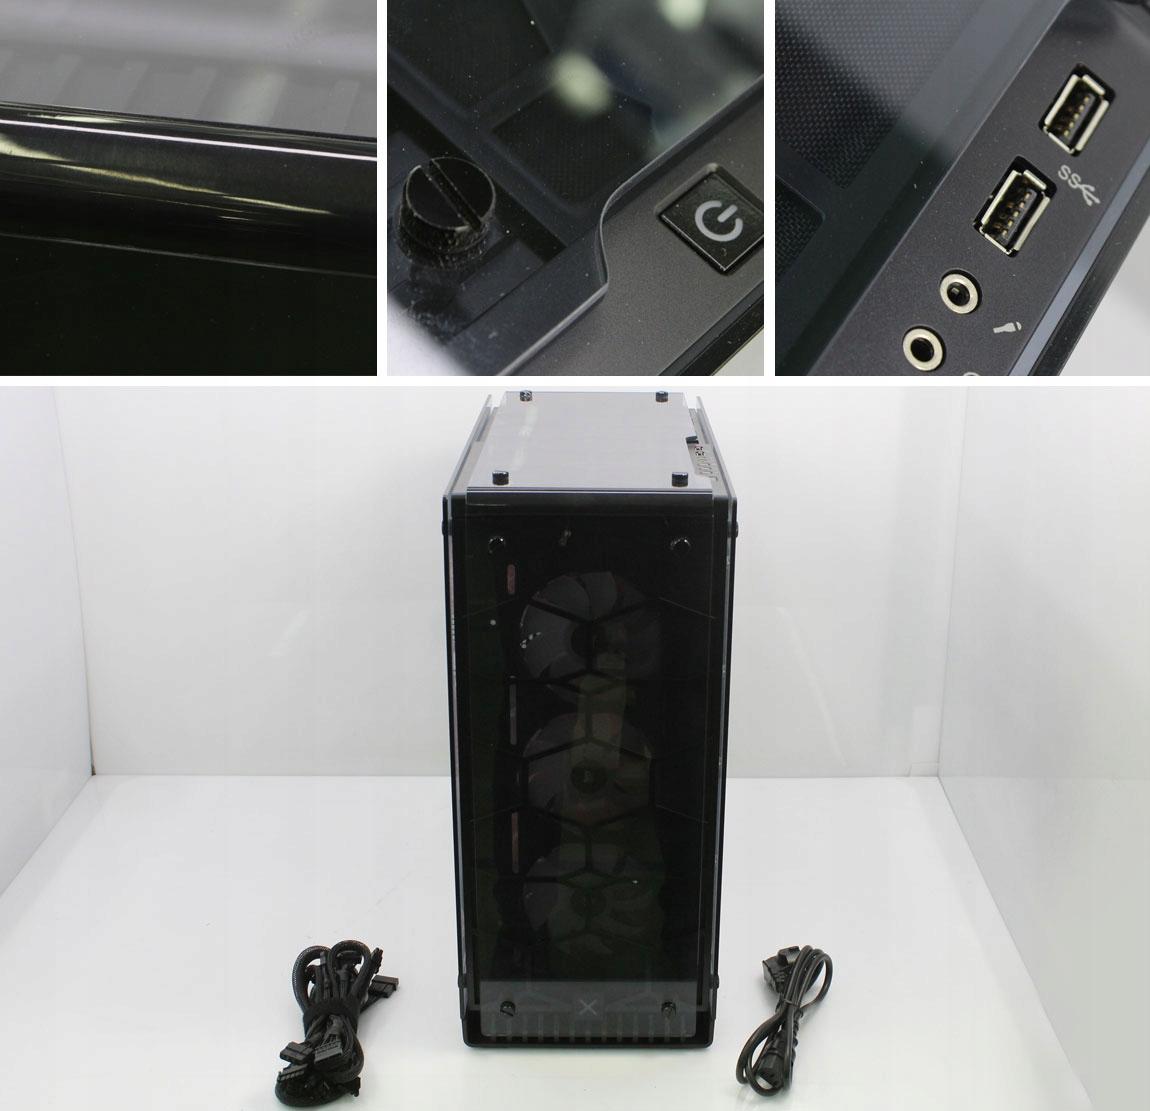 OUTLET x-kom G4M3R 600 i7 32G 250+500SSD GTX1080Ti Wielkość pamięci RAM 32 GB